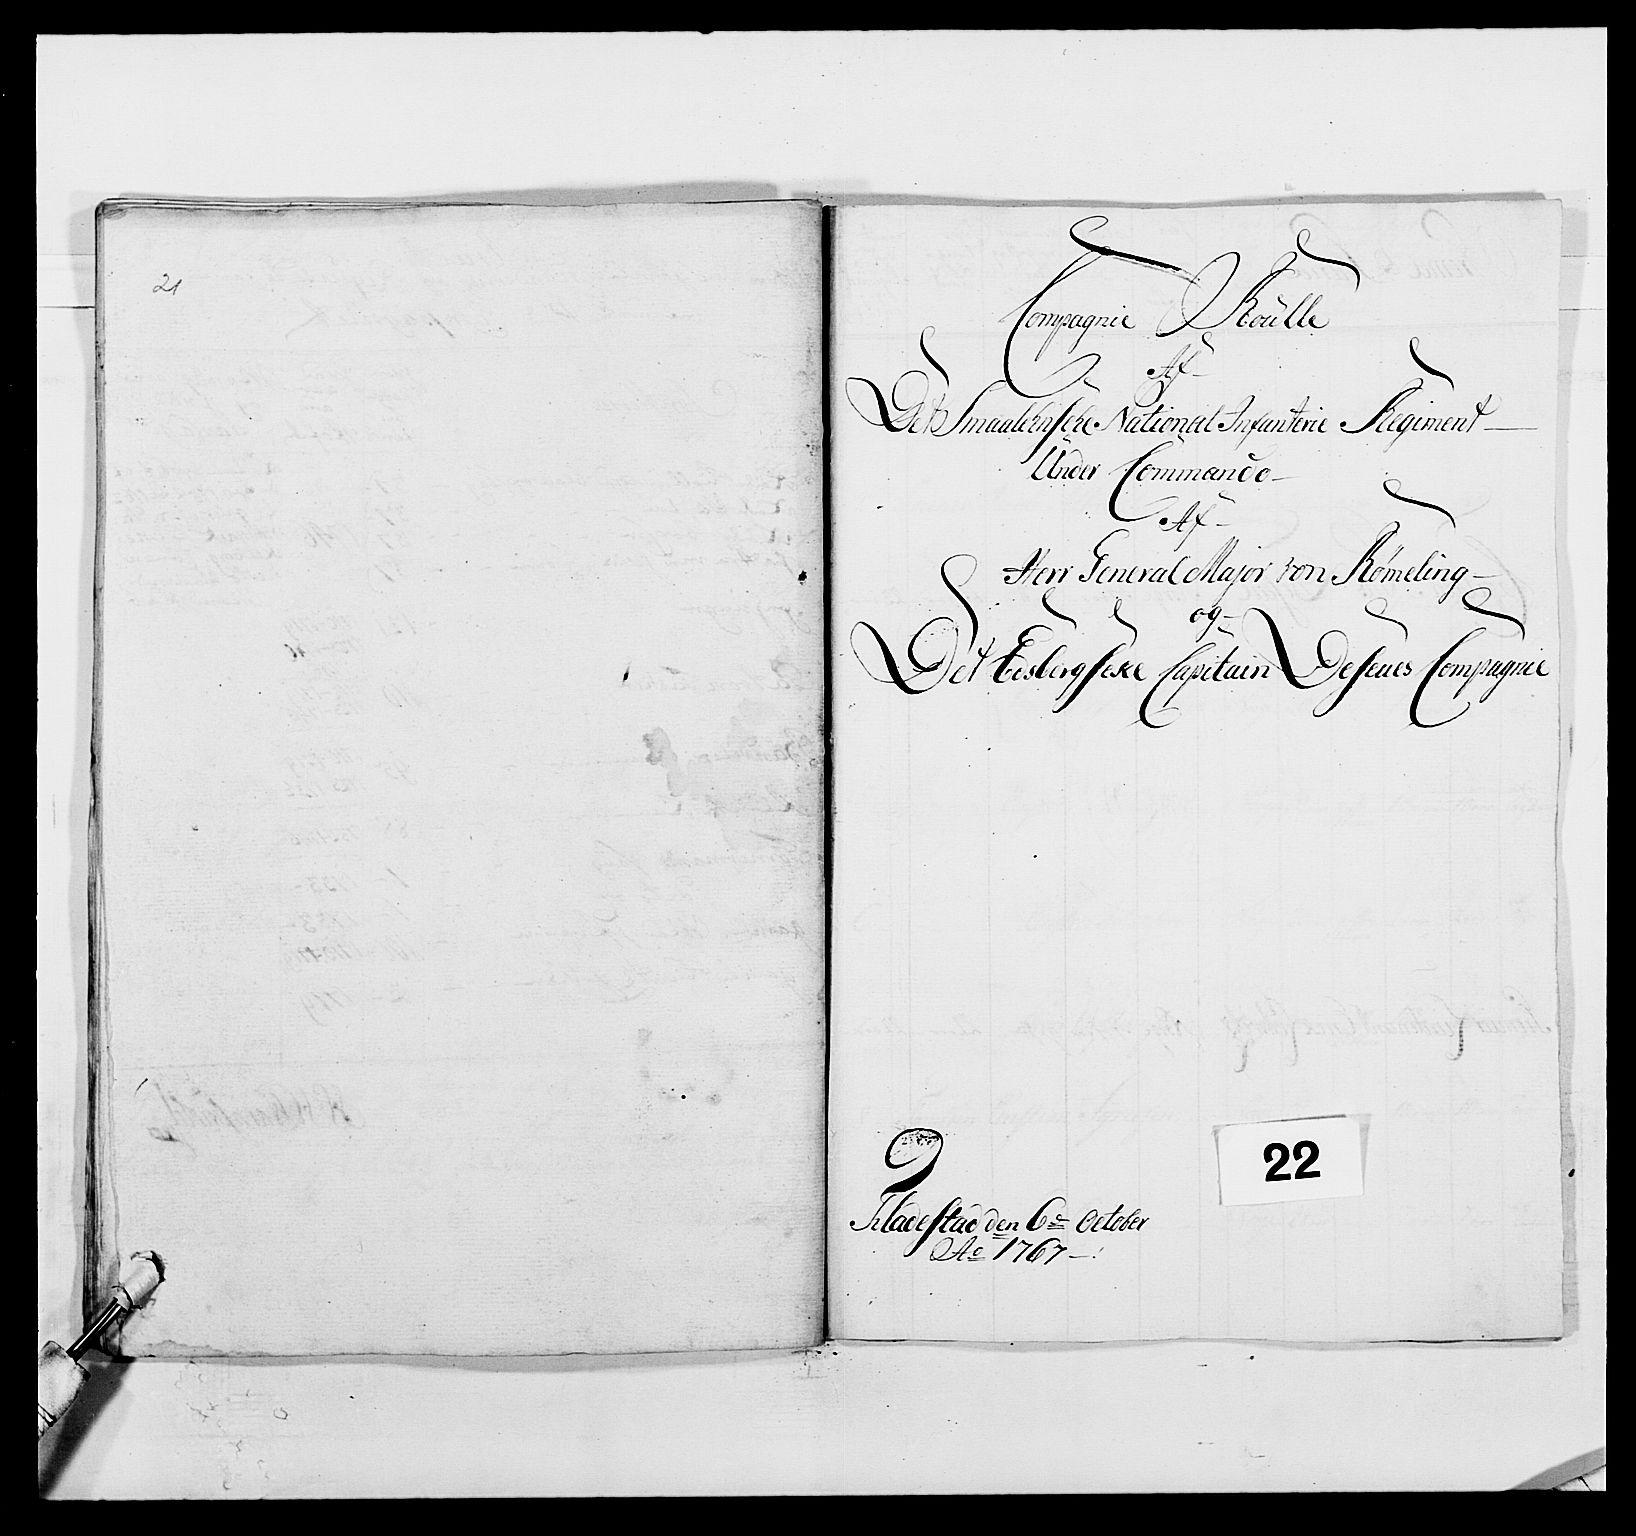 RA, Kommanderende general (KG I) med Det norske krigsdirektorium, E/Ea/L0496: 1. Smålenske regiment, 1765-1767, s. 385